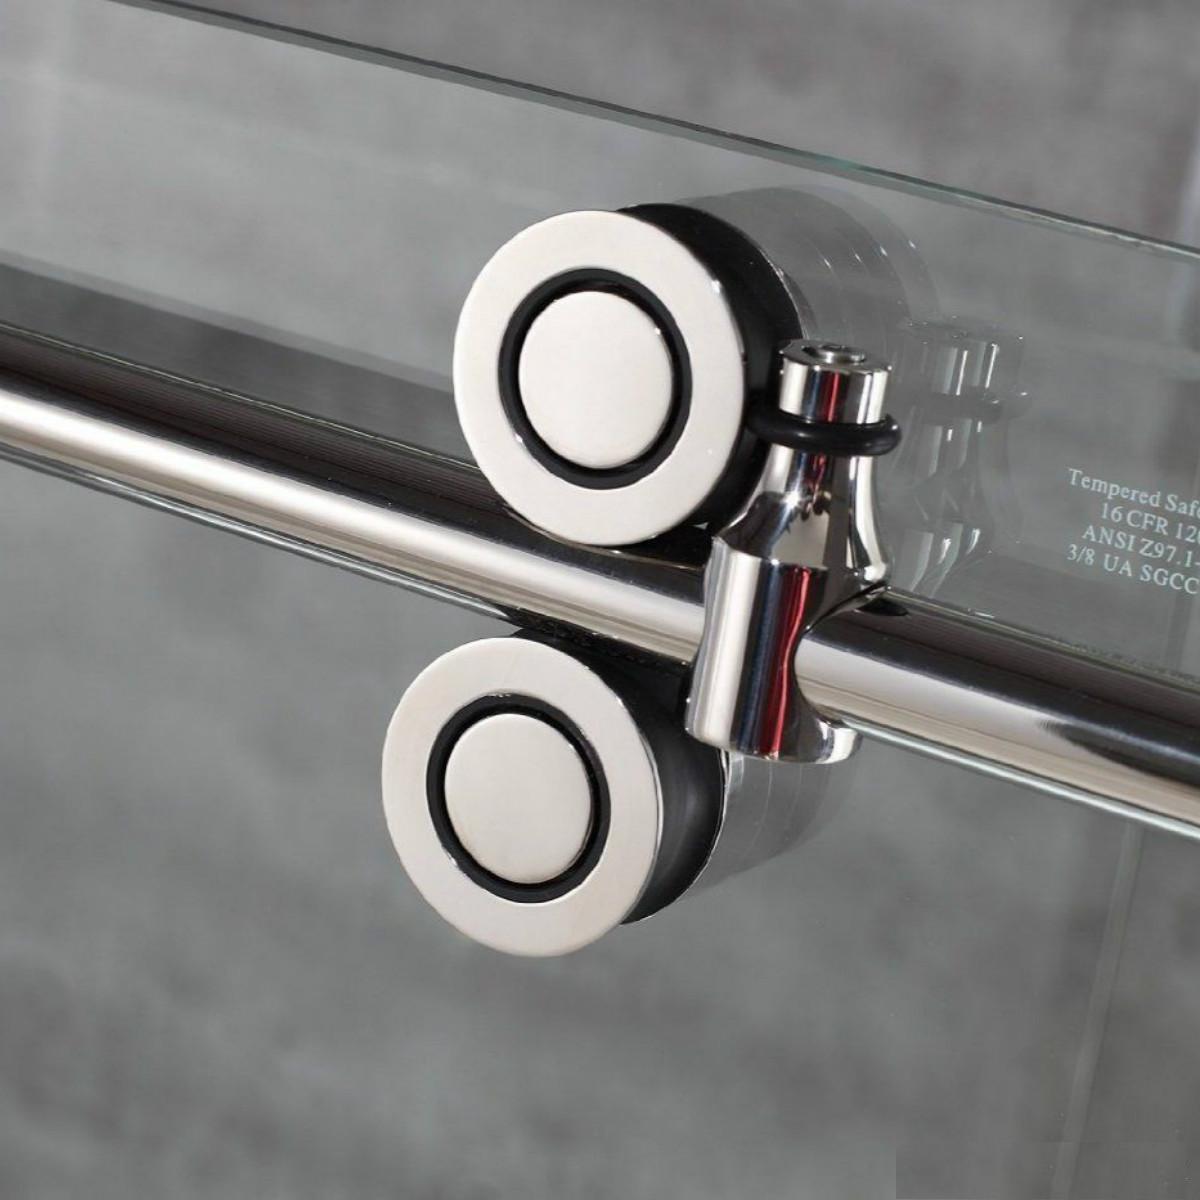 USA 6.6FT Sliding barn shower door twin roller frameless glass sliding track hardware set kit popular